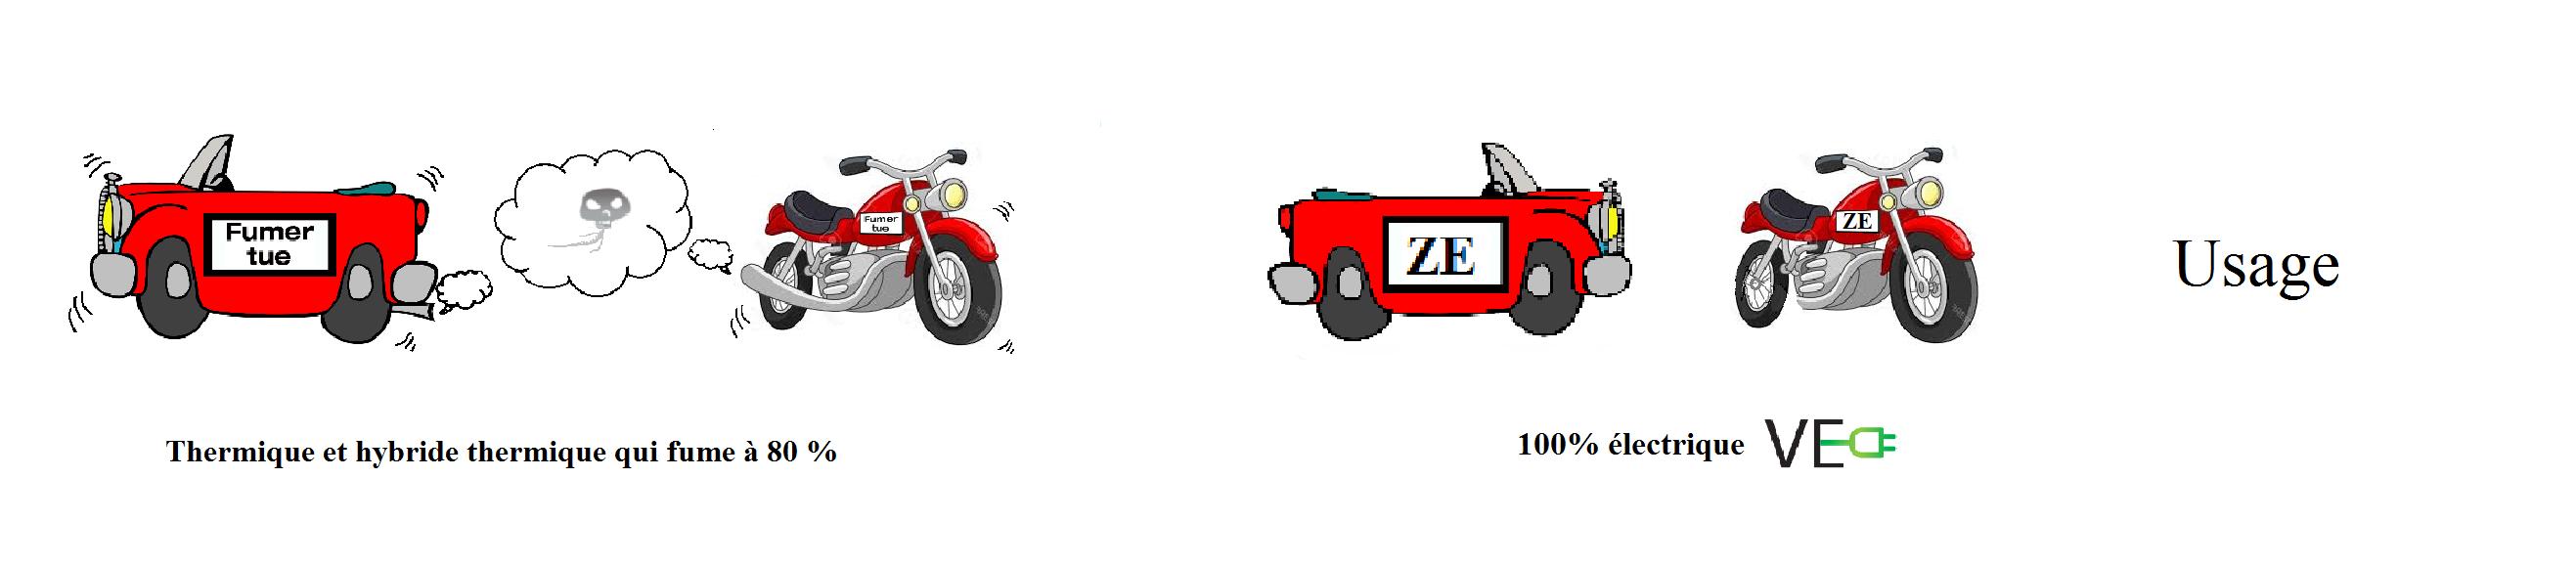 fumer tue thermique bonus usage electrique zero emission